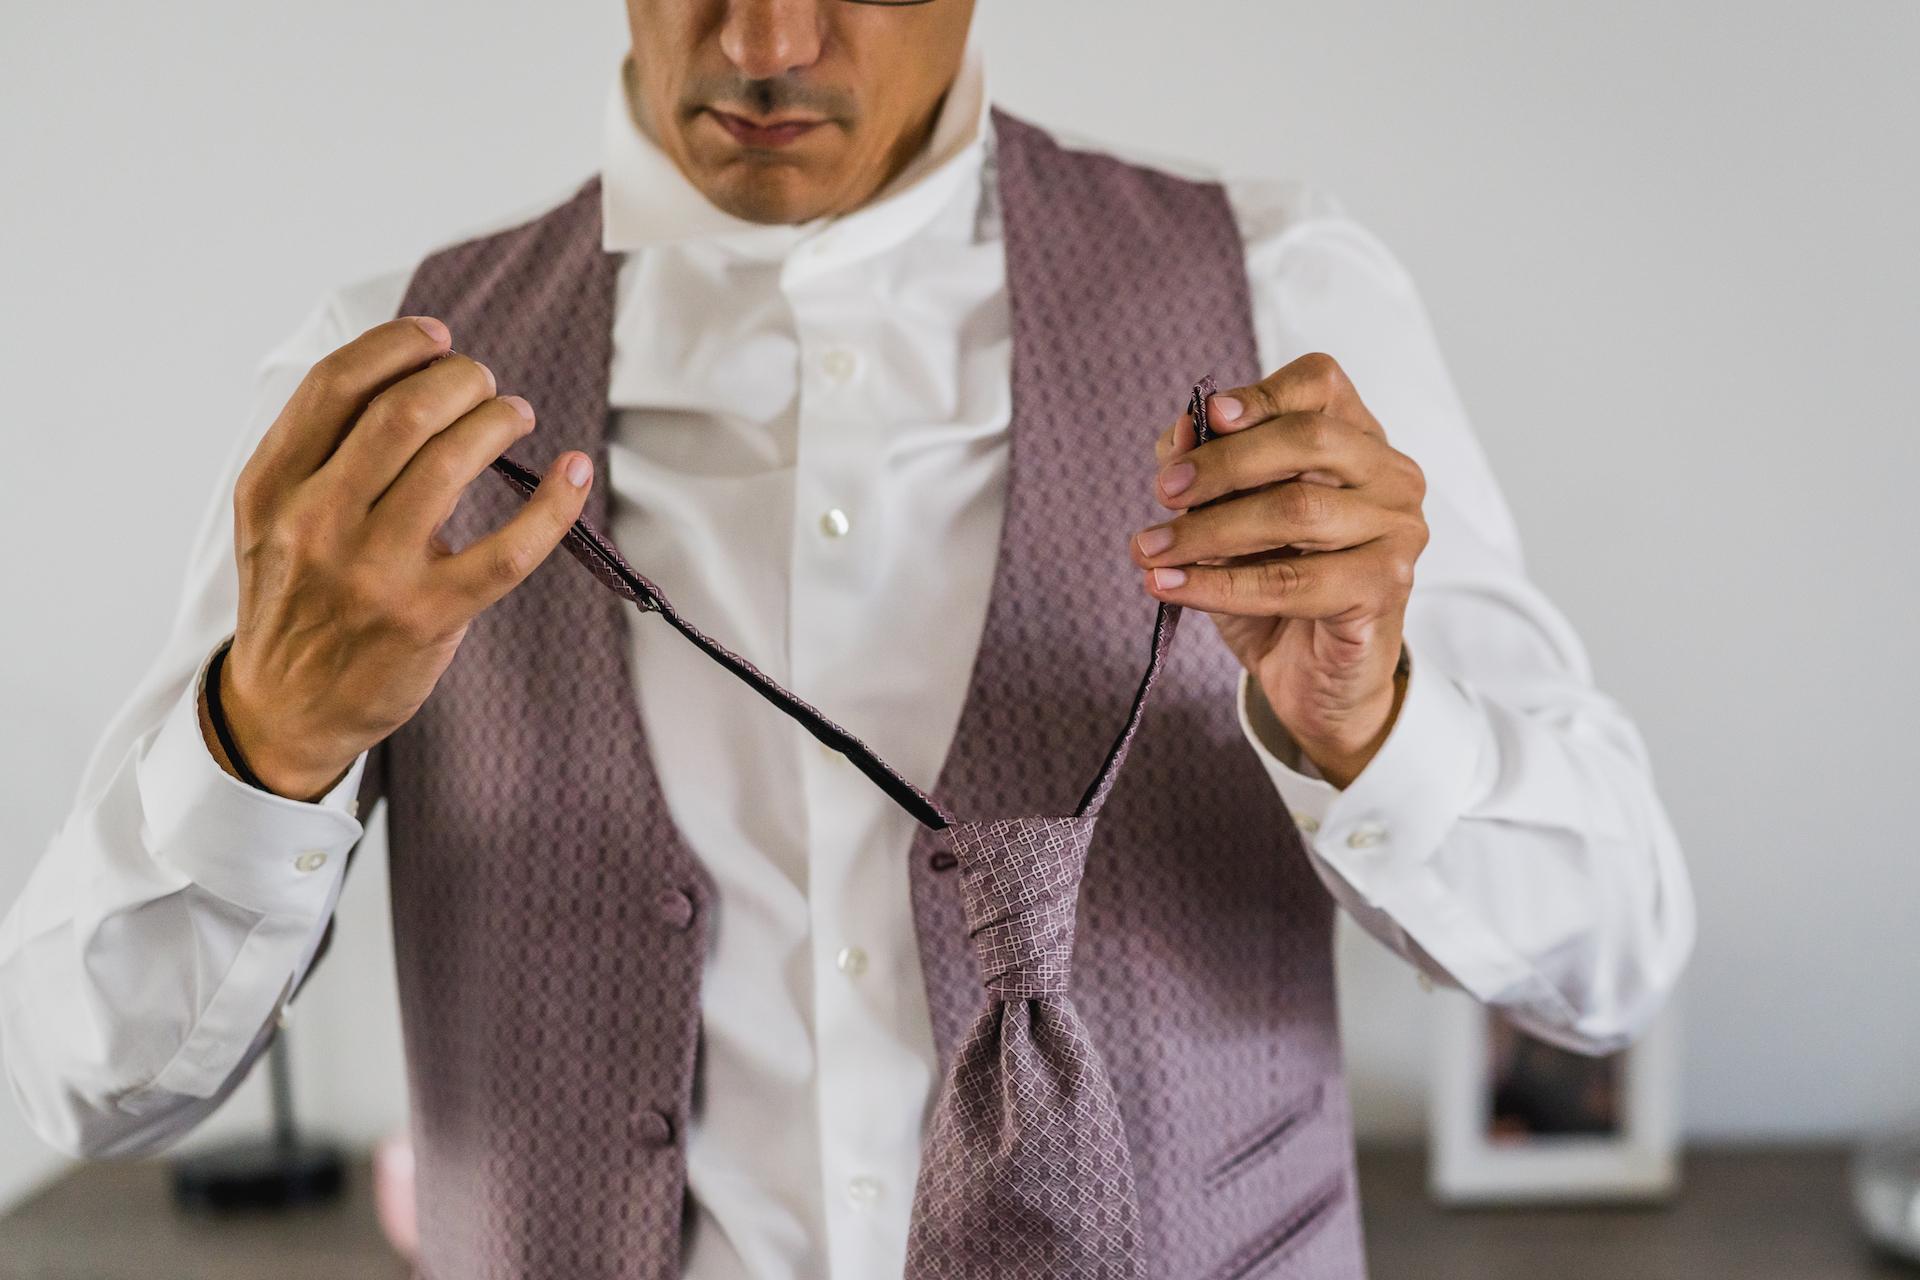 Fotos de la fuga belga de Bruselas | El novio se pregunta cómo ponerse la corbata.